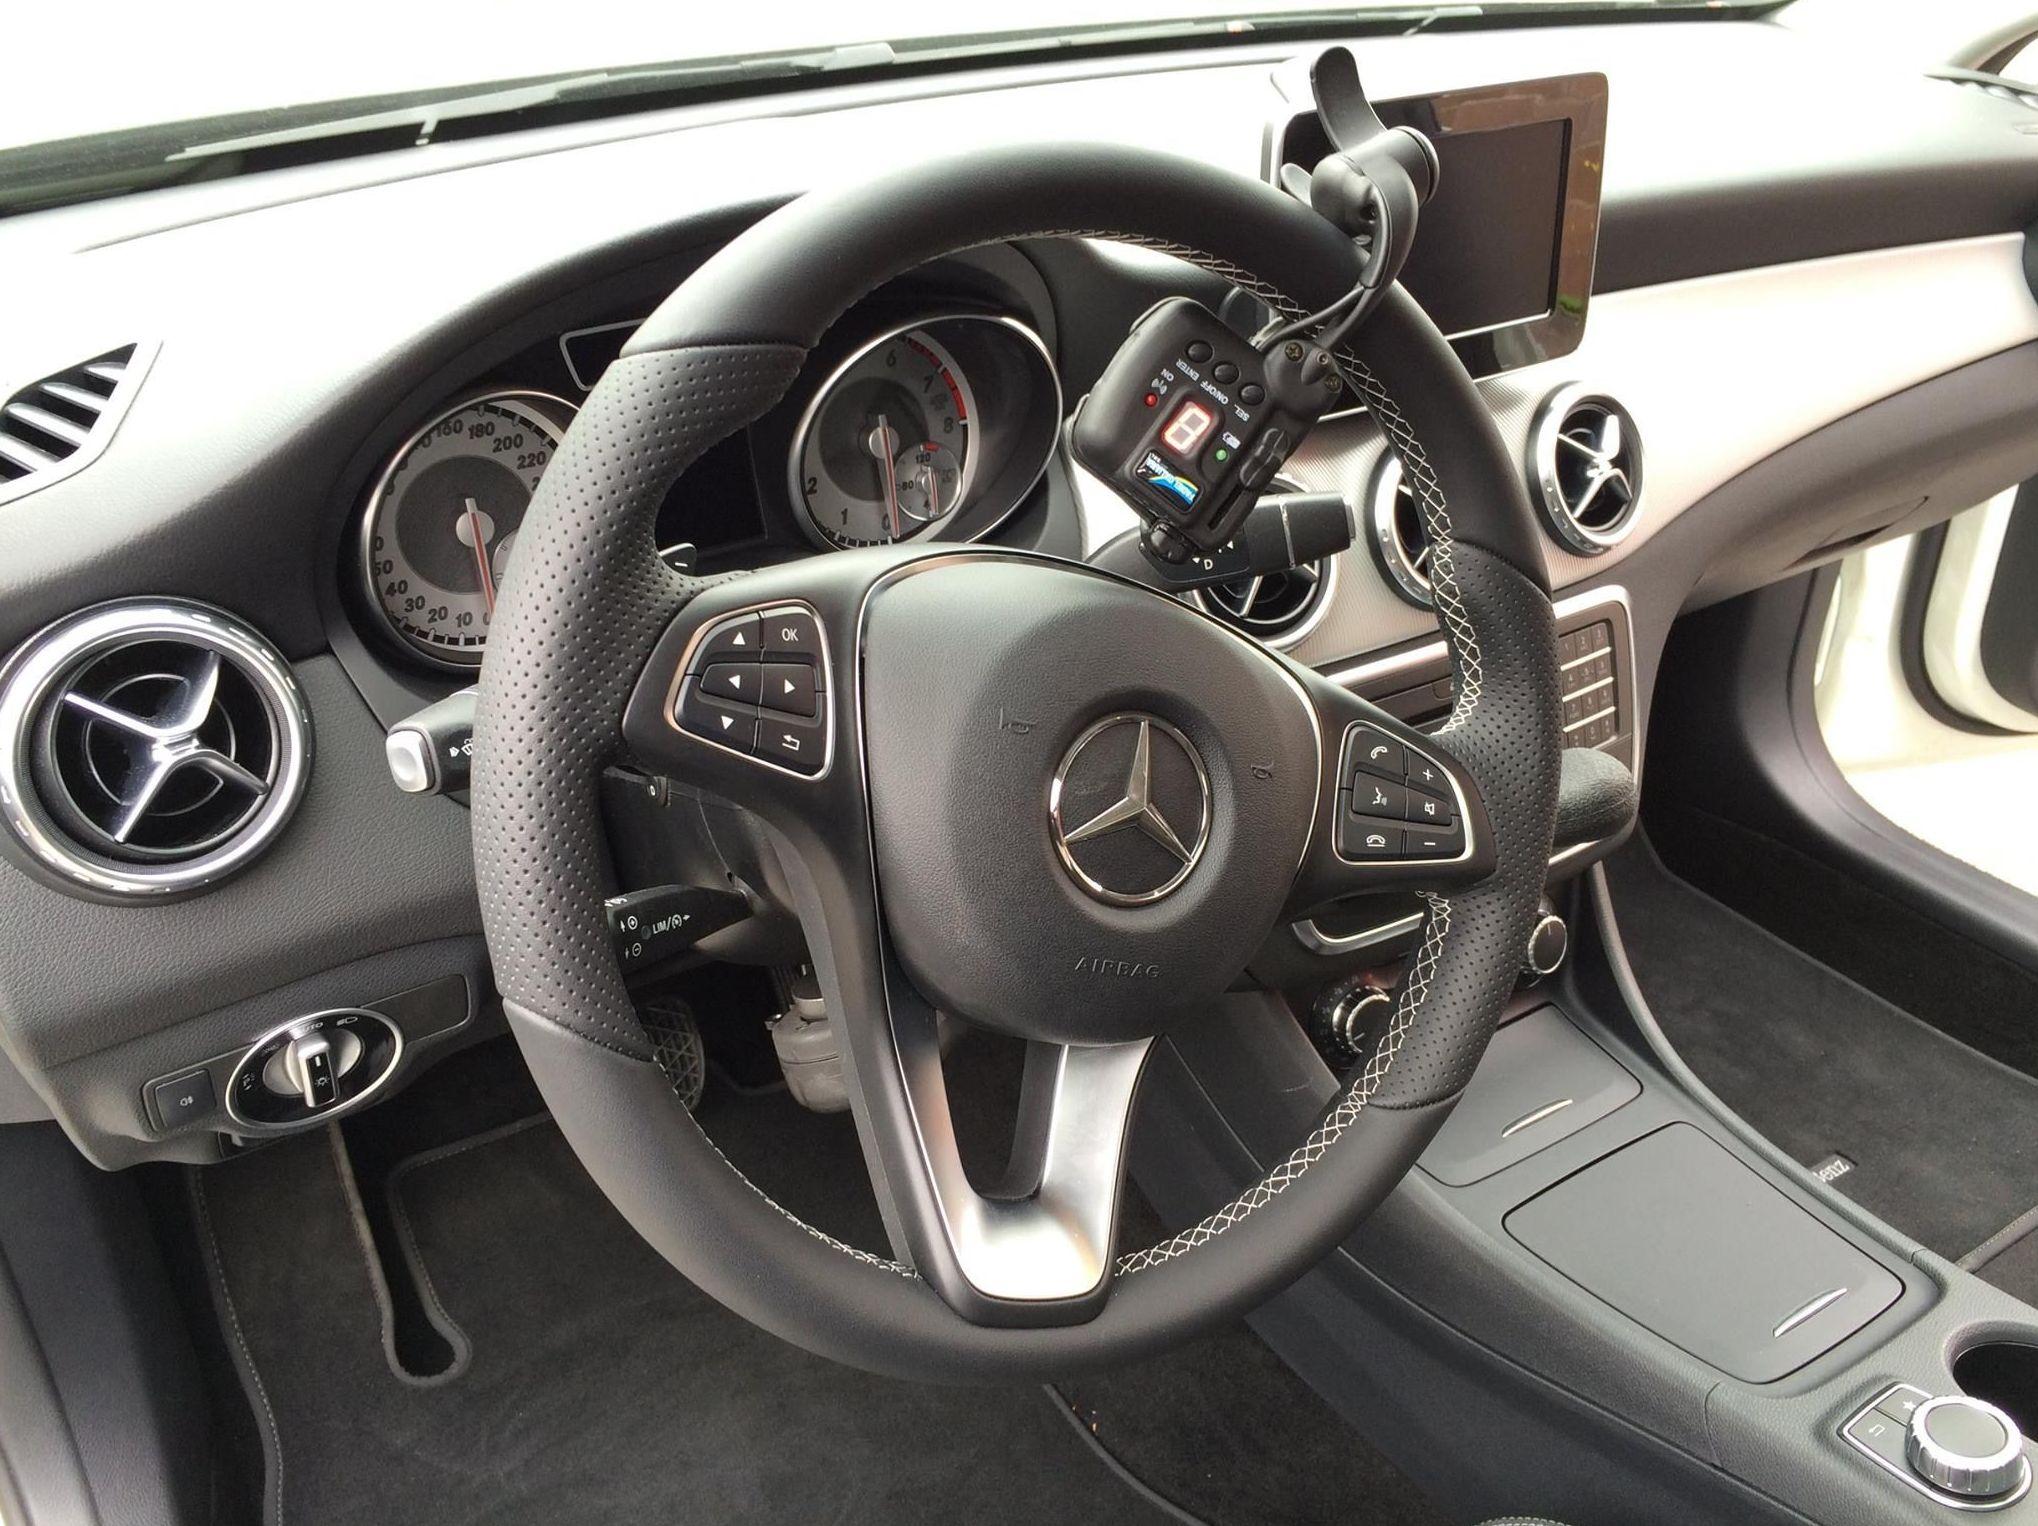 Adaptación de vehículos Asturias. Nueva instalación entregada Mercedes GLA Adaptado por Cabal Automoción Bosch Car Service